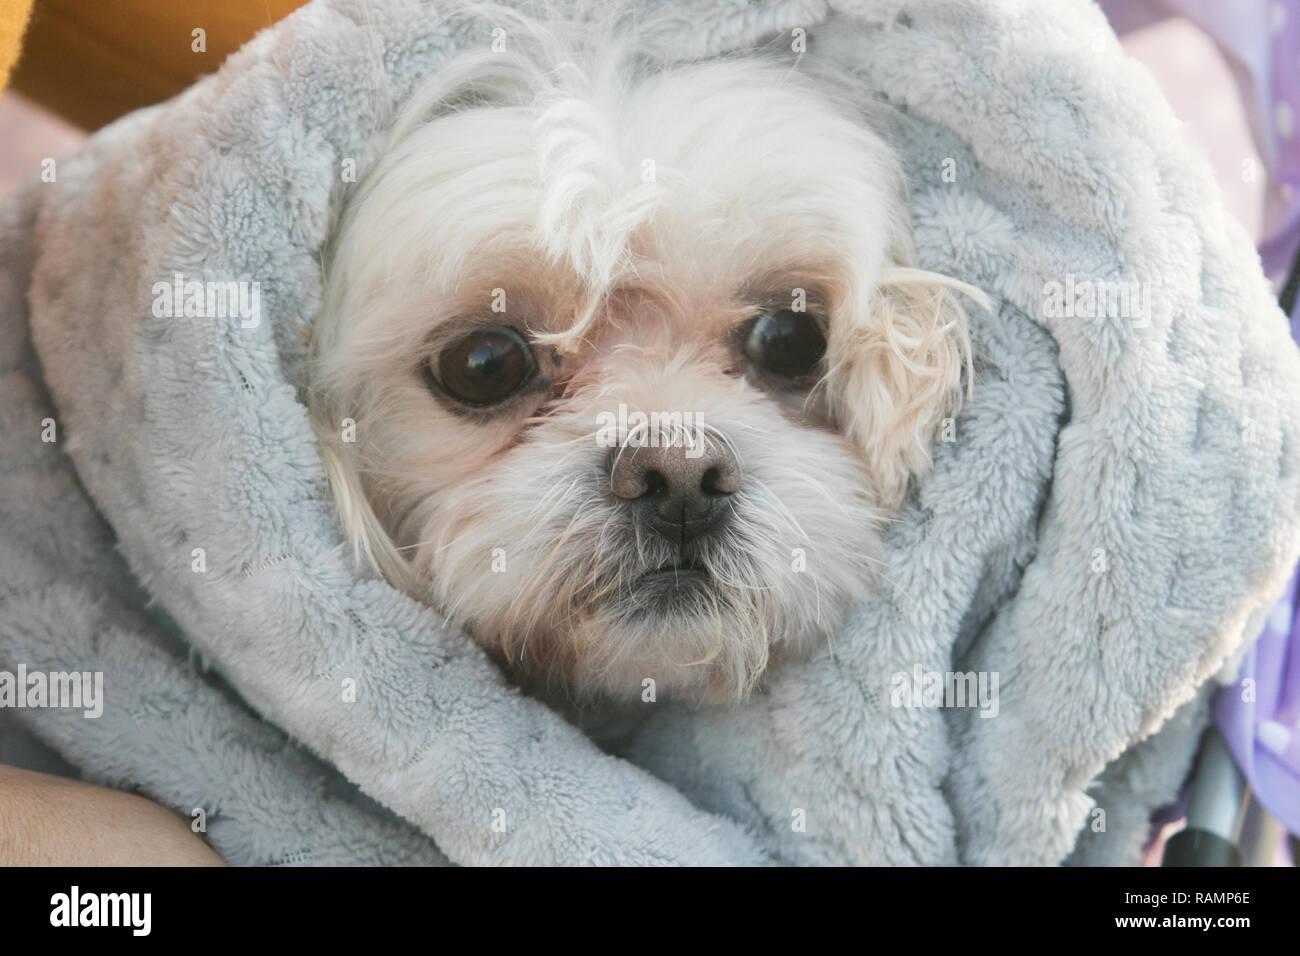 Londra REGNO UNITO. 4 gennaio 2019. Un cane a Wimbledon è avvolto in una coperta contro il freddo come le temperature scendono al di sotto di congelamento celsius Credito: amer ghazzal/Alamy Live News Immagini Stock